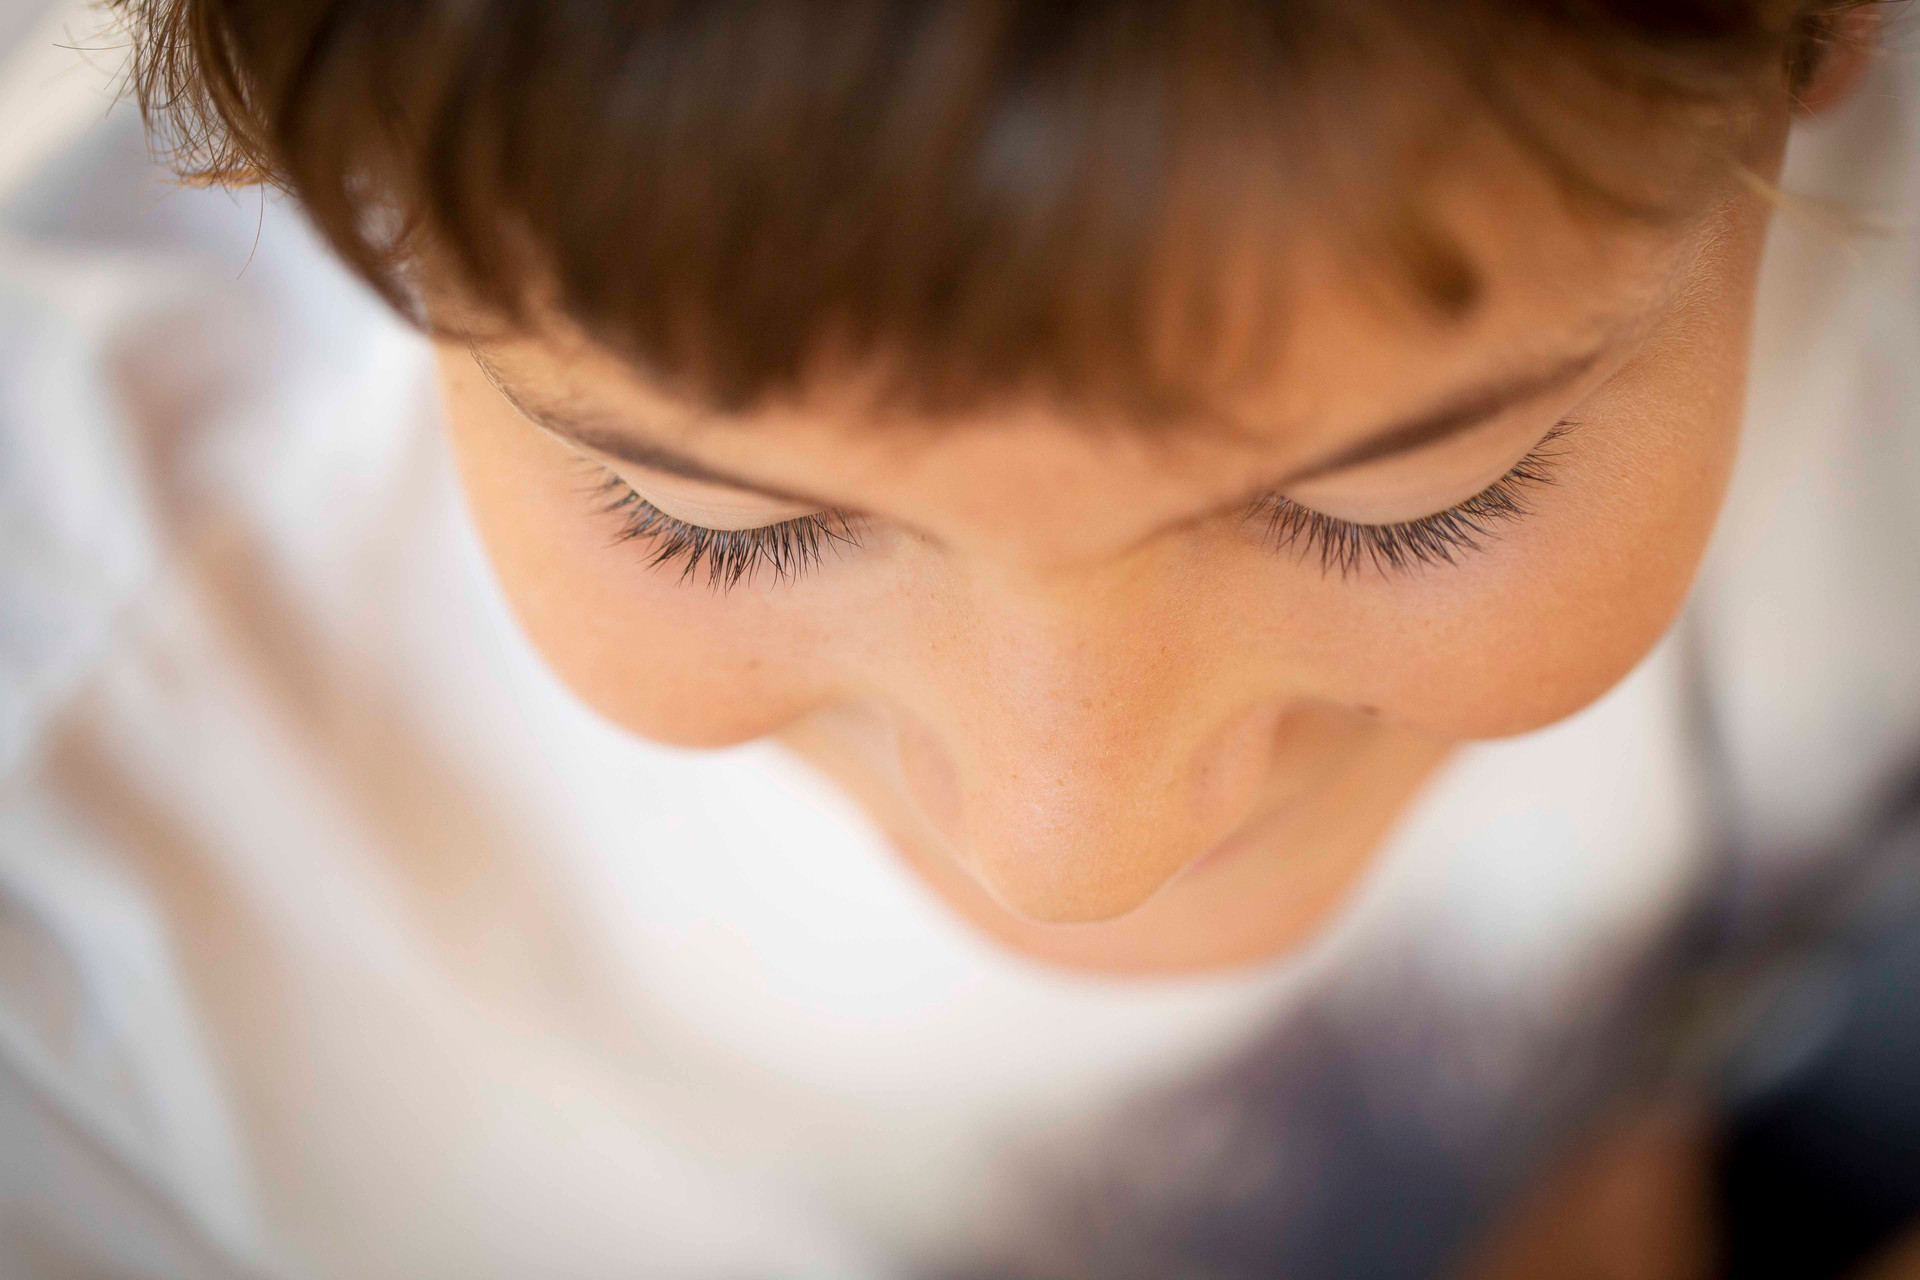 fotografo-fotografia-newborn-recien nacido-familia-zaragoza-estudio